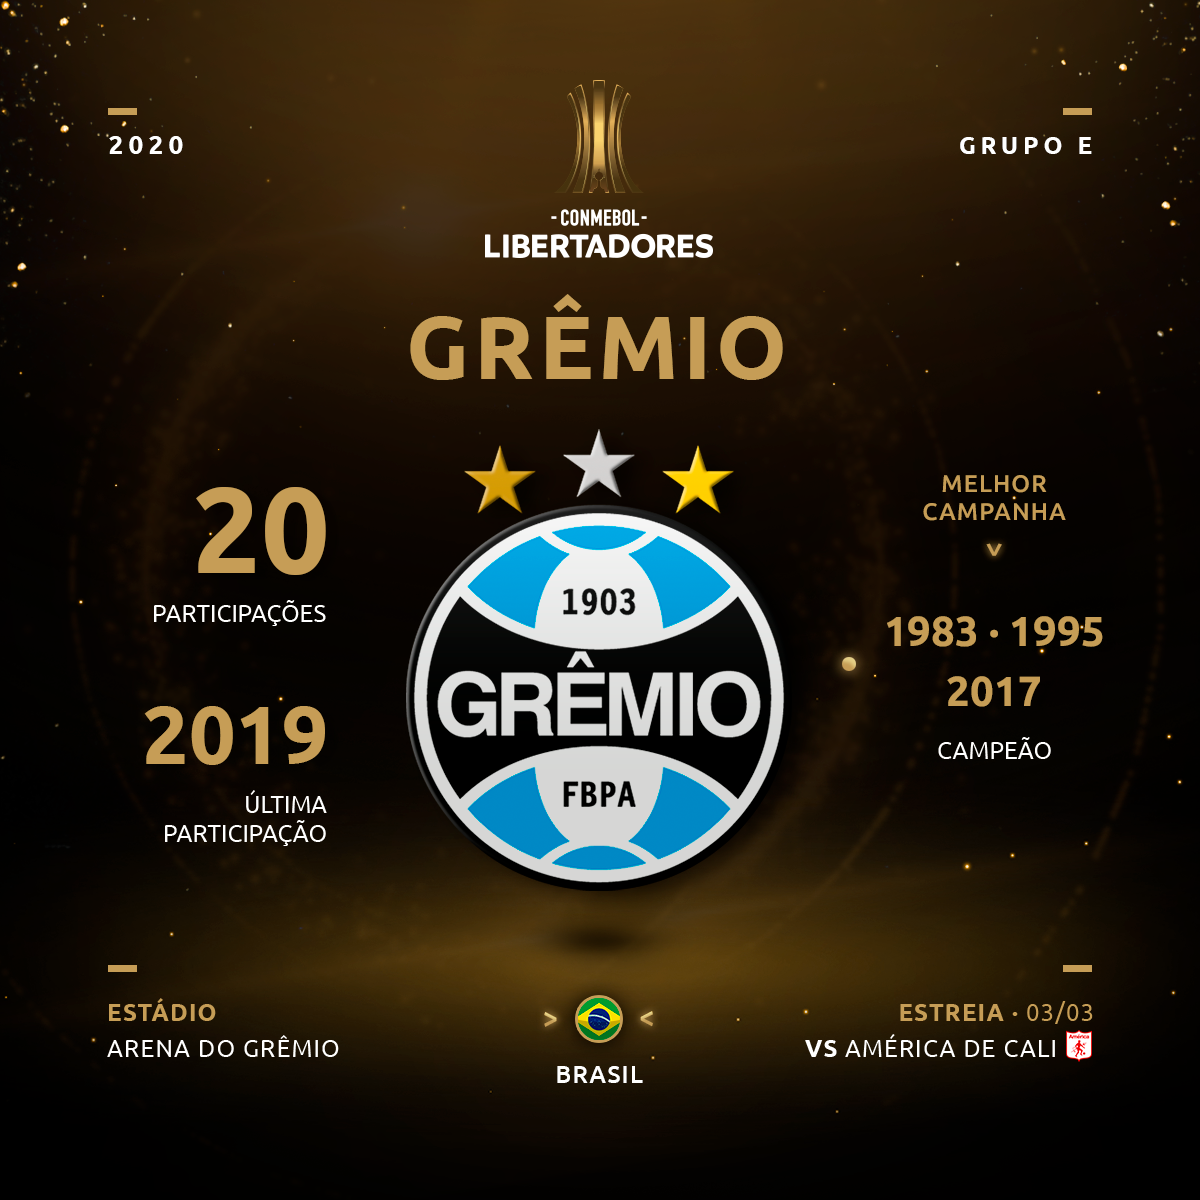 Copa Libertadores: Todas as participações do Grêmio na competição | Copa Libertadores